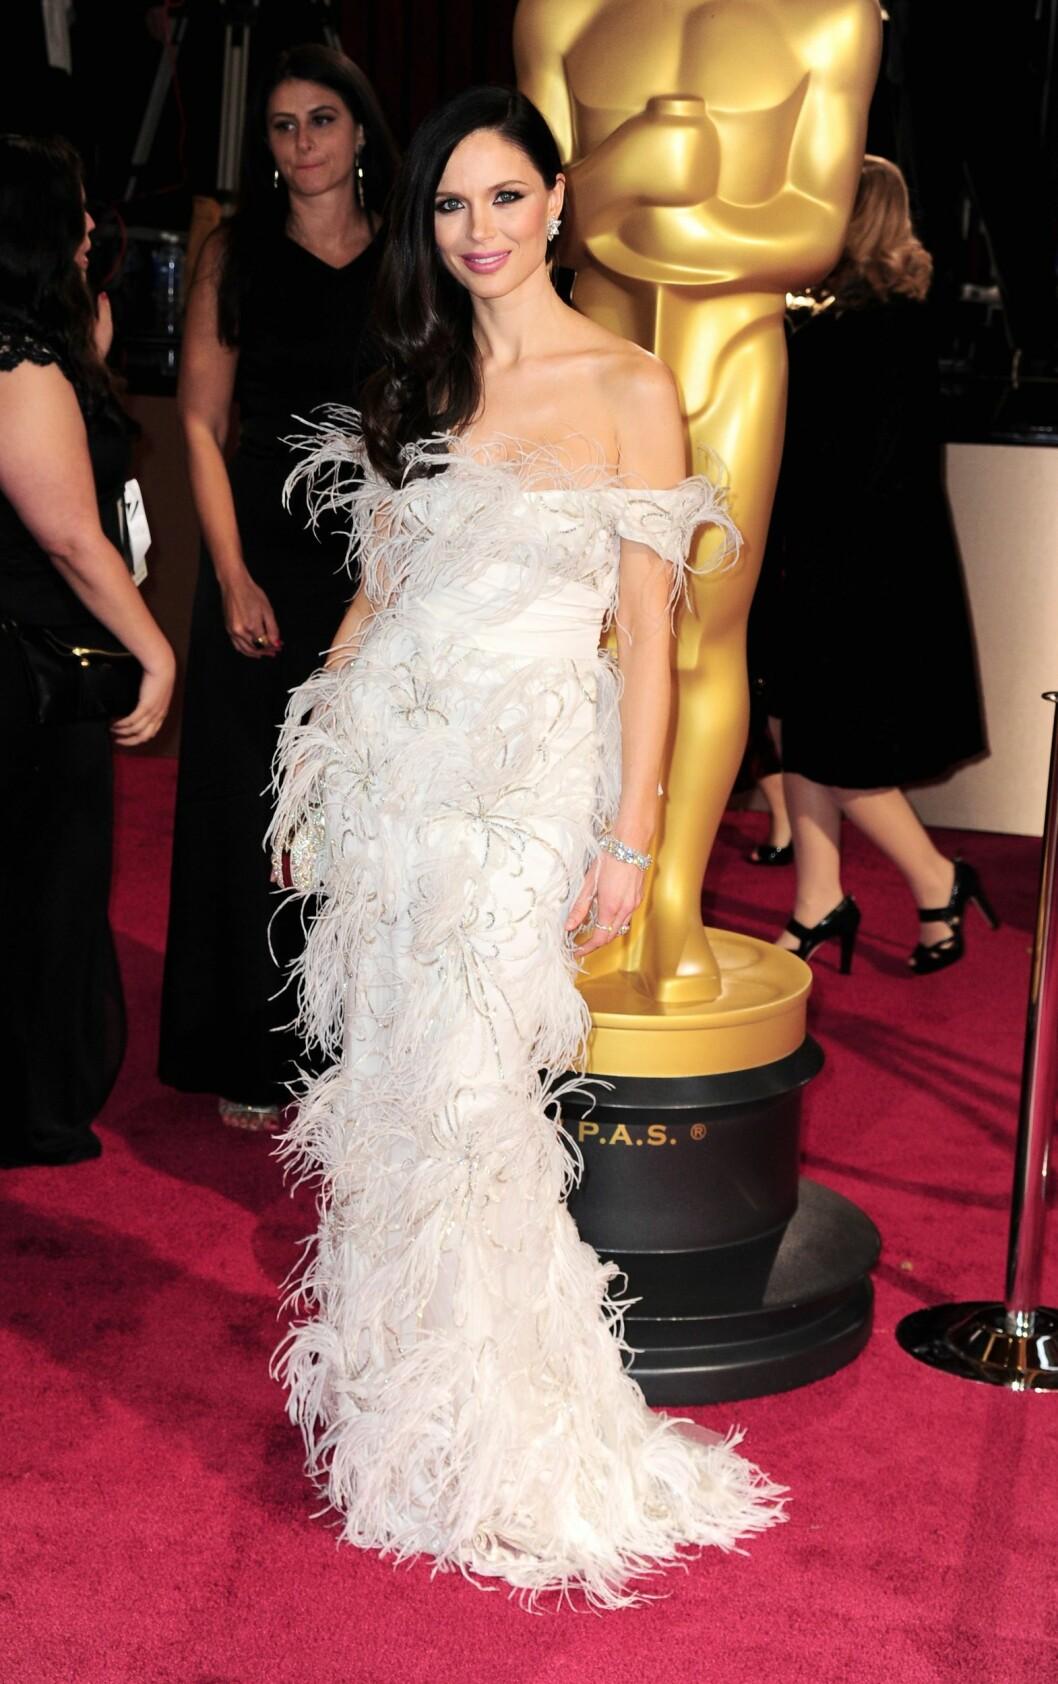 DØD FUGL?: KKs moteredaktør Silje Pedersen var ikke spesielt begeistret for designer Georgina Chapmans Oscar-kjole.  Foto: All Over Press